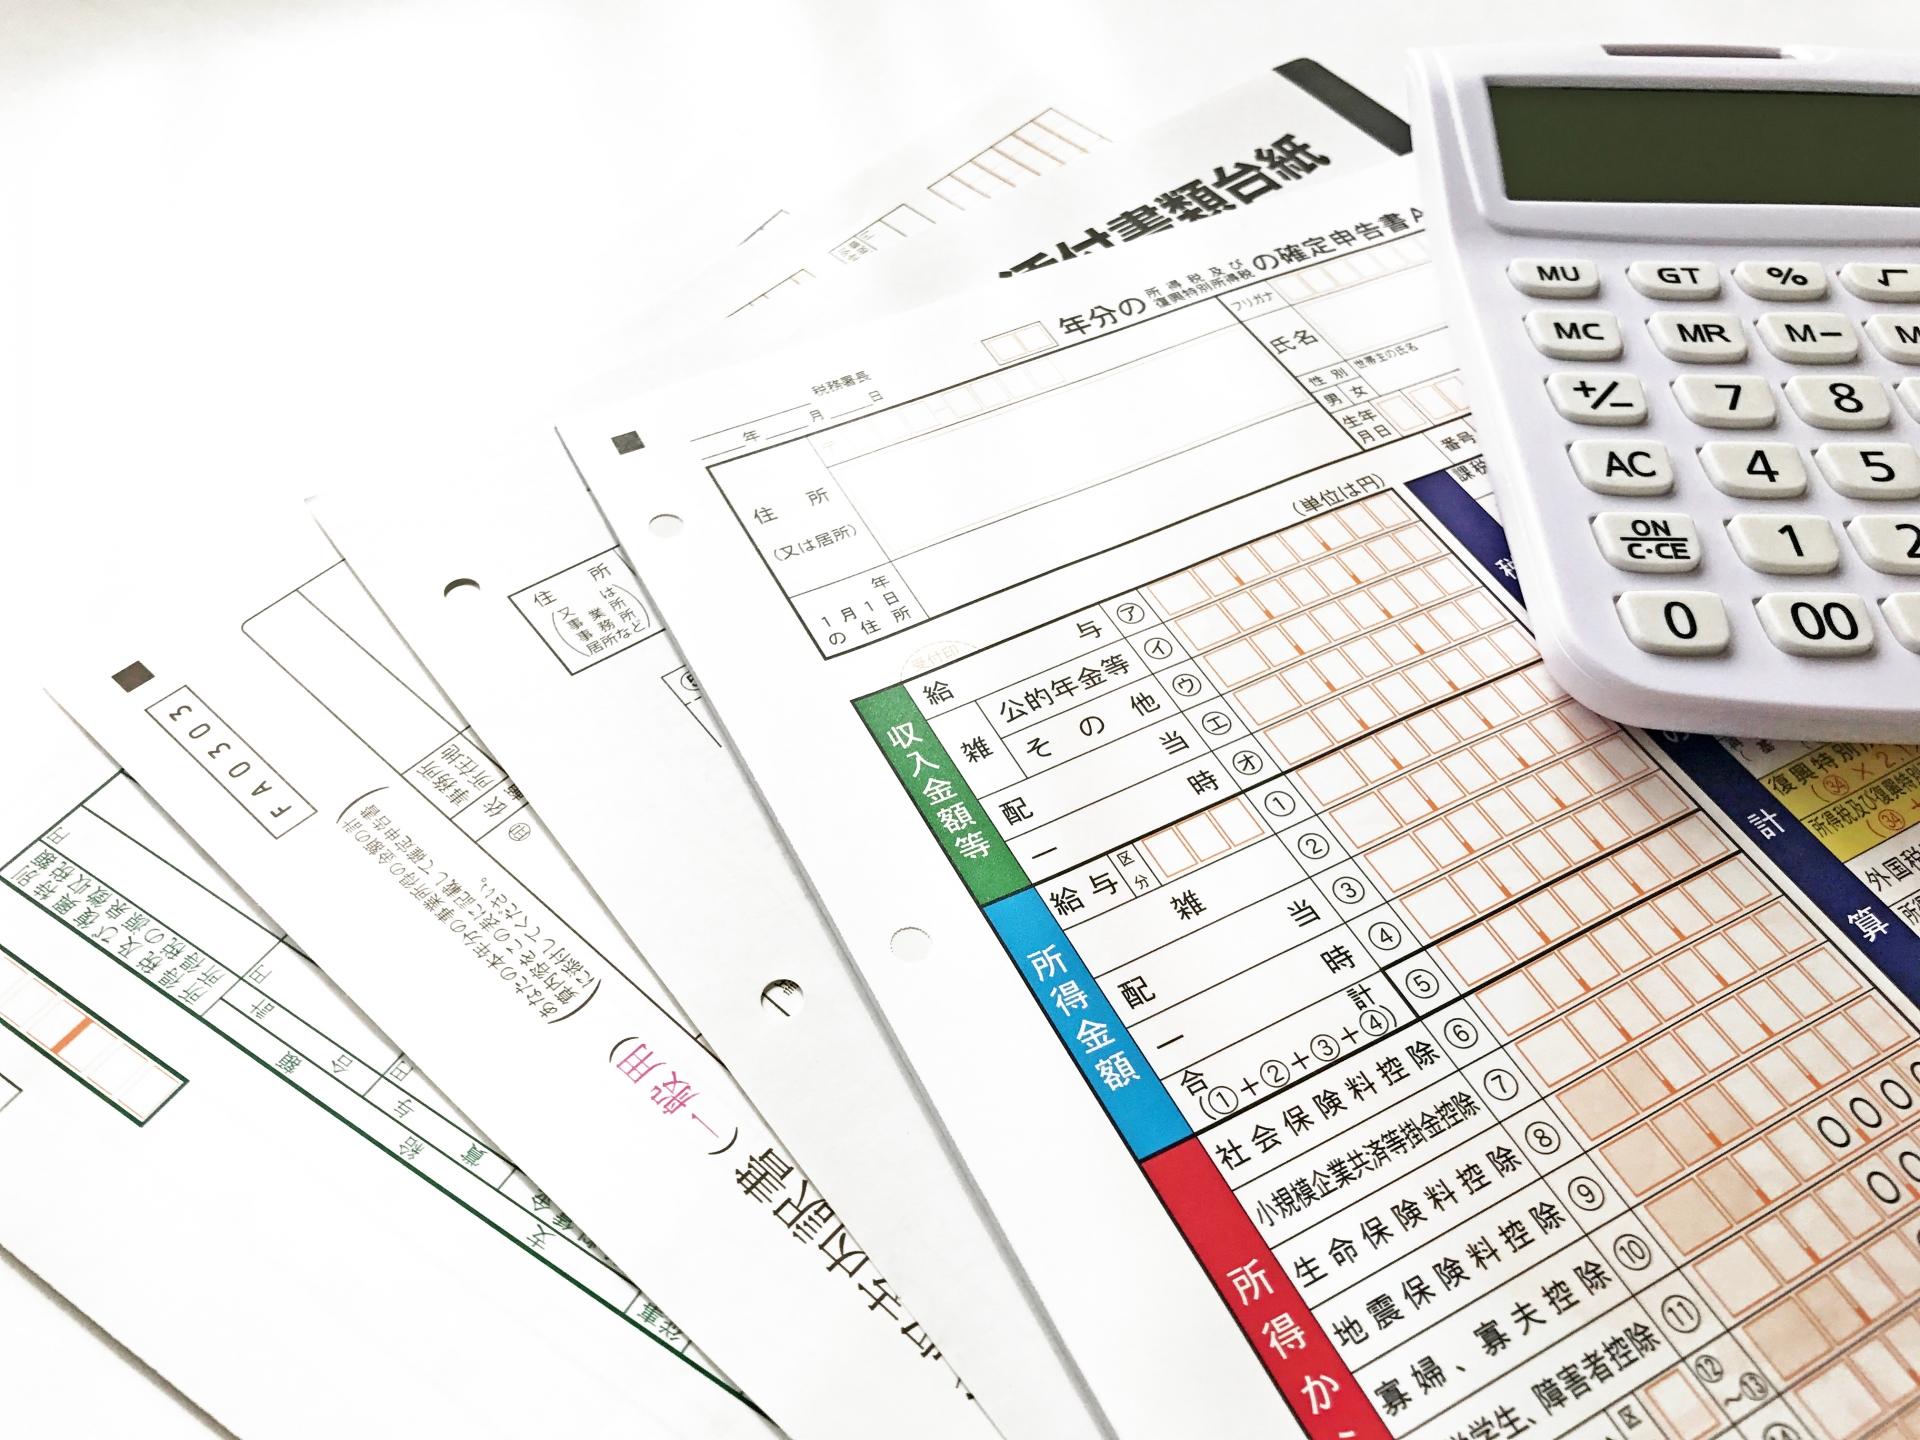 退職後の確定申告の必要性やメリット、還付申告の手続きについて